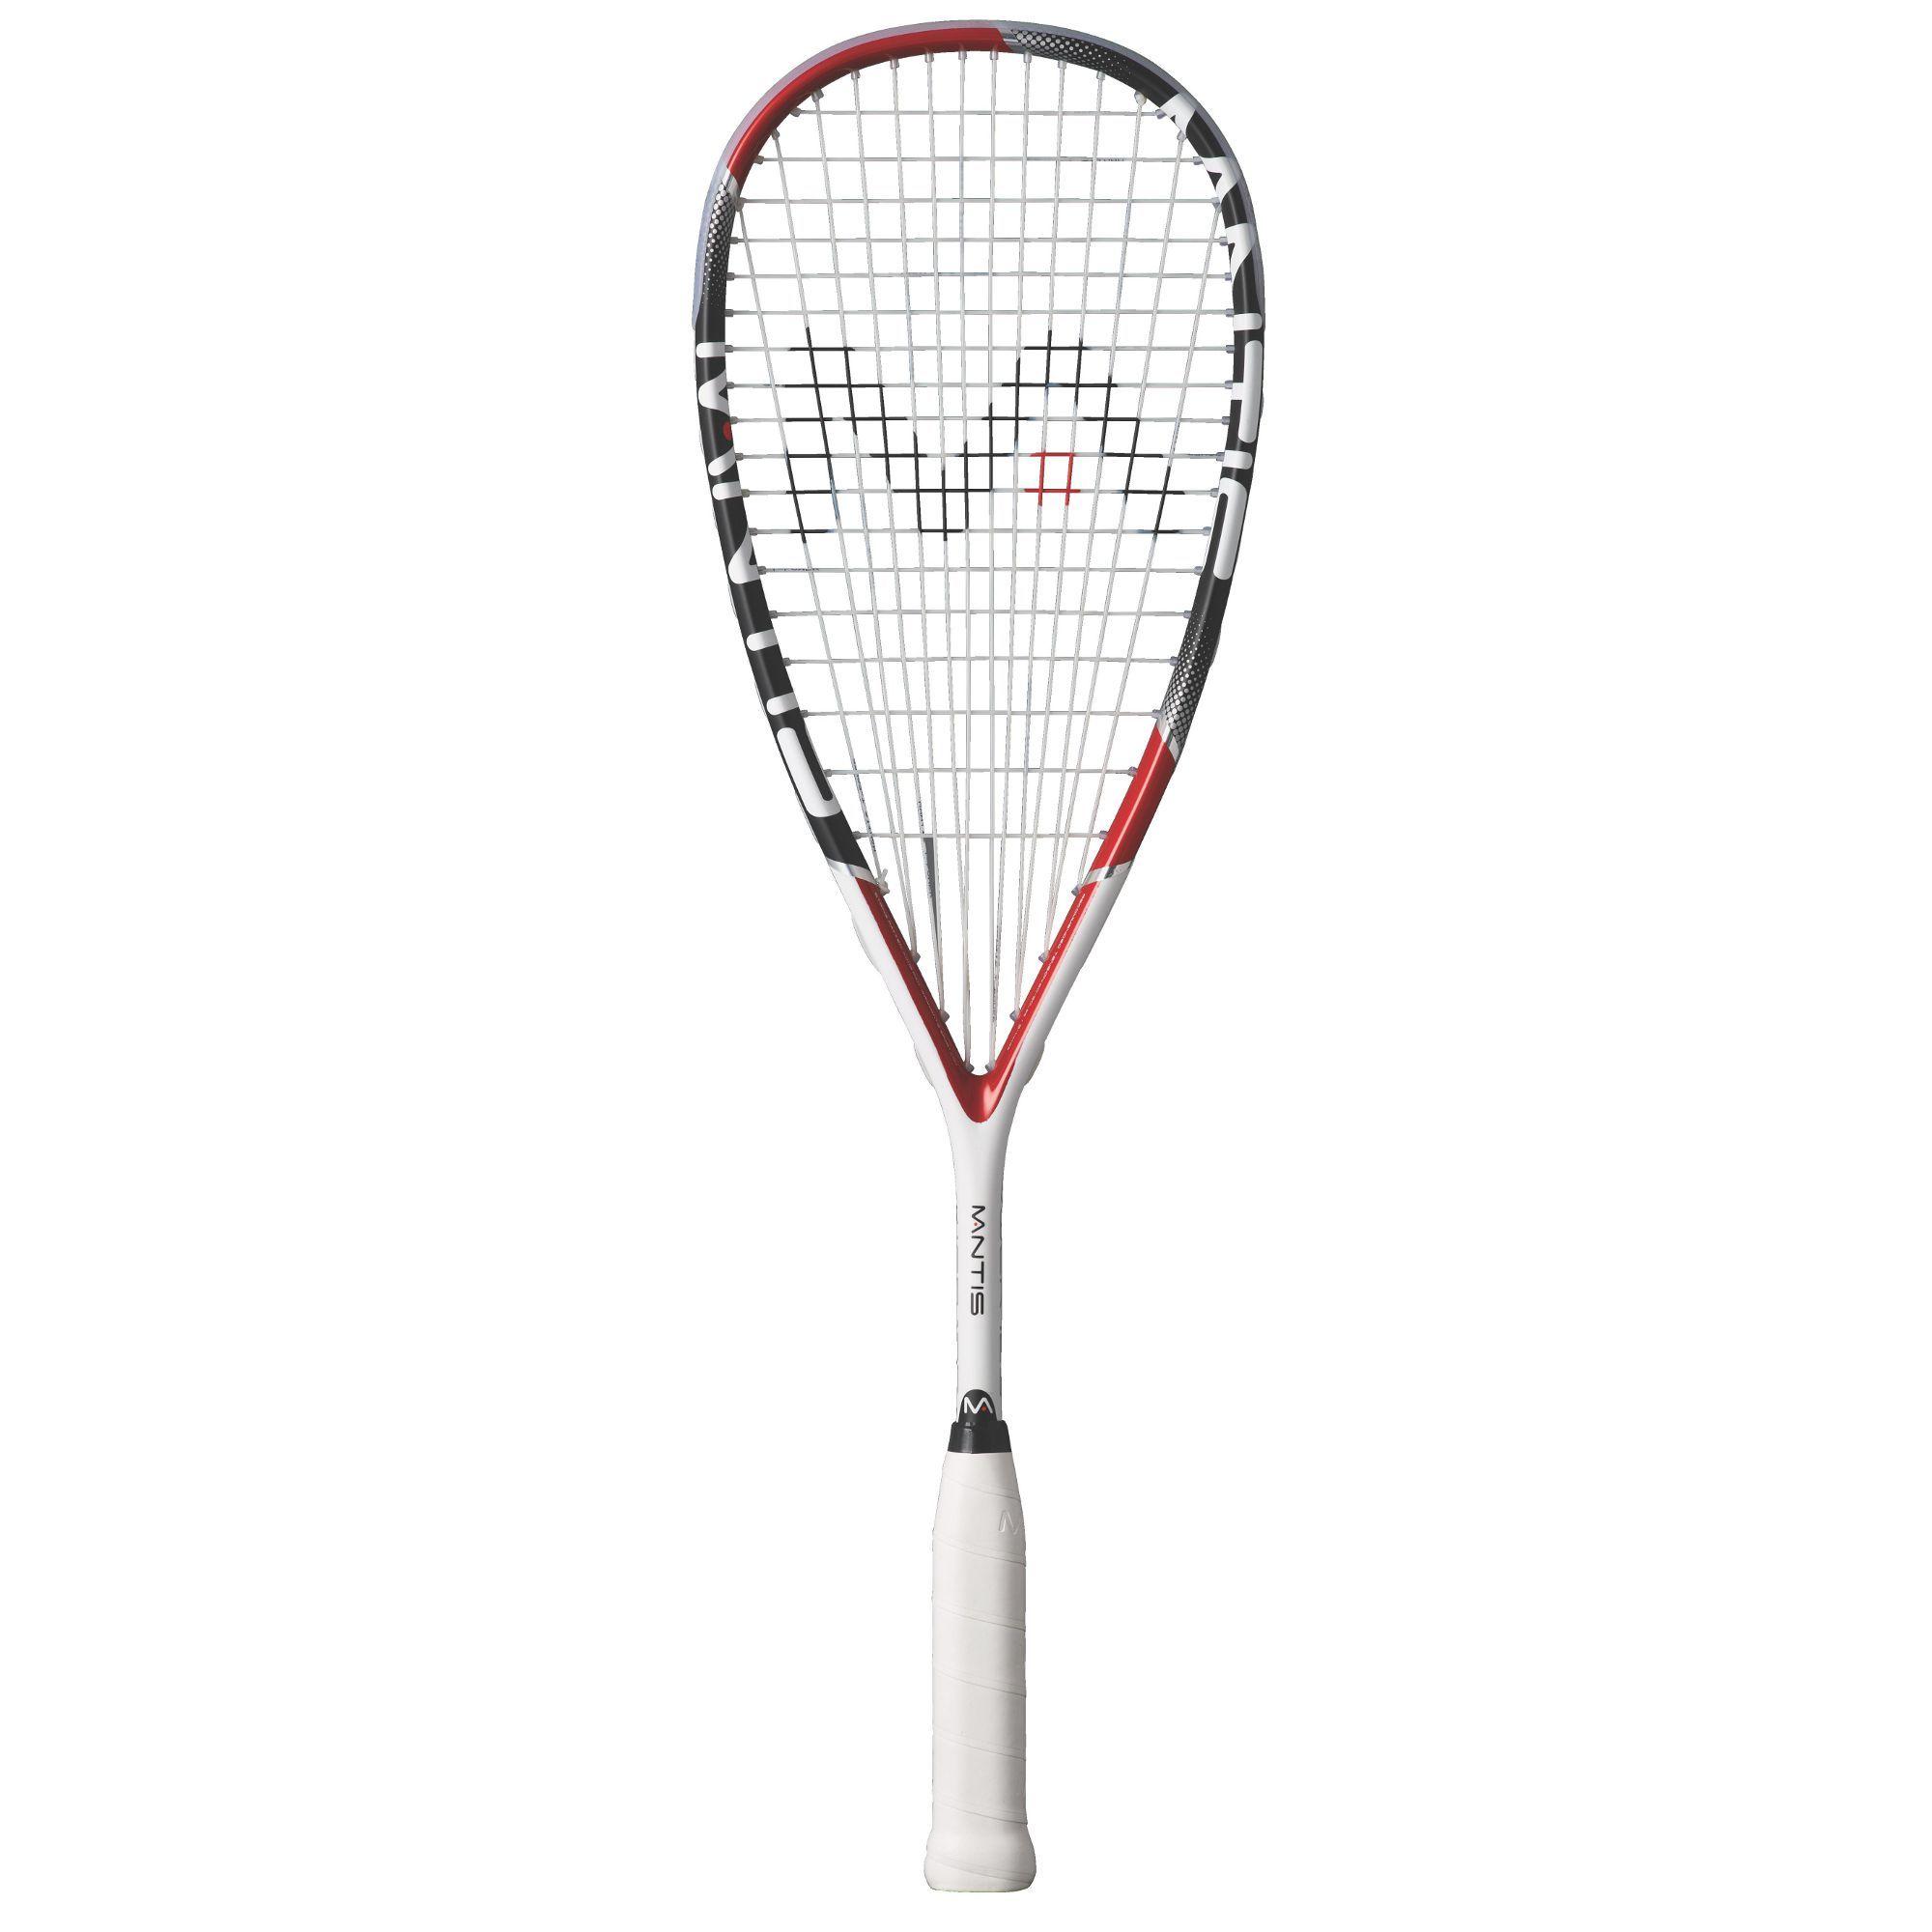 Mantis Power 110 Squash Racket Sweatband Com